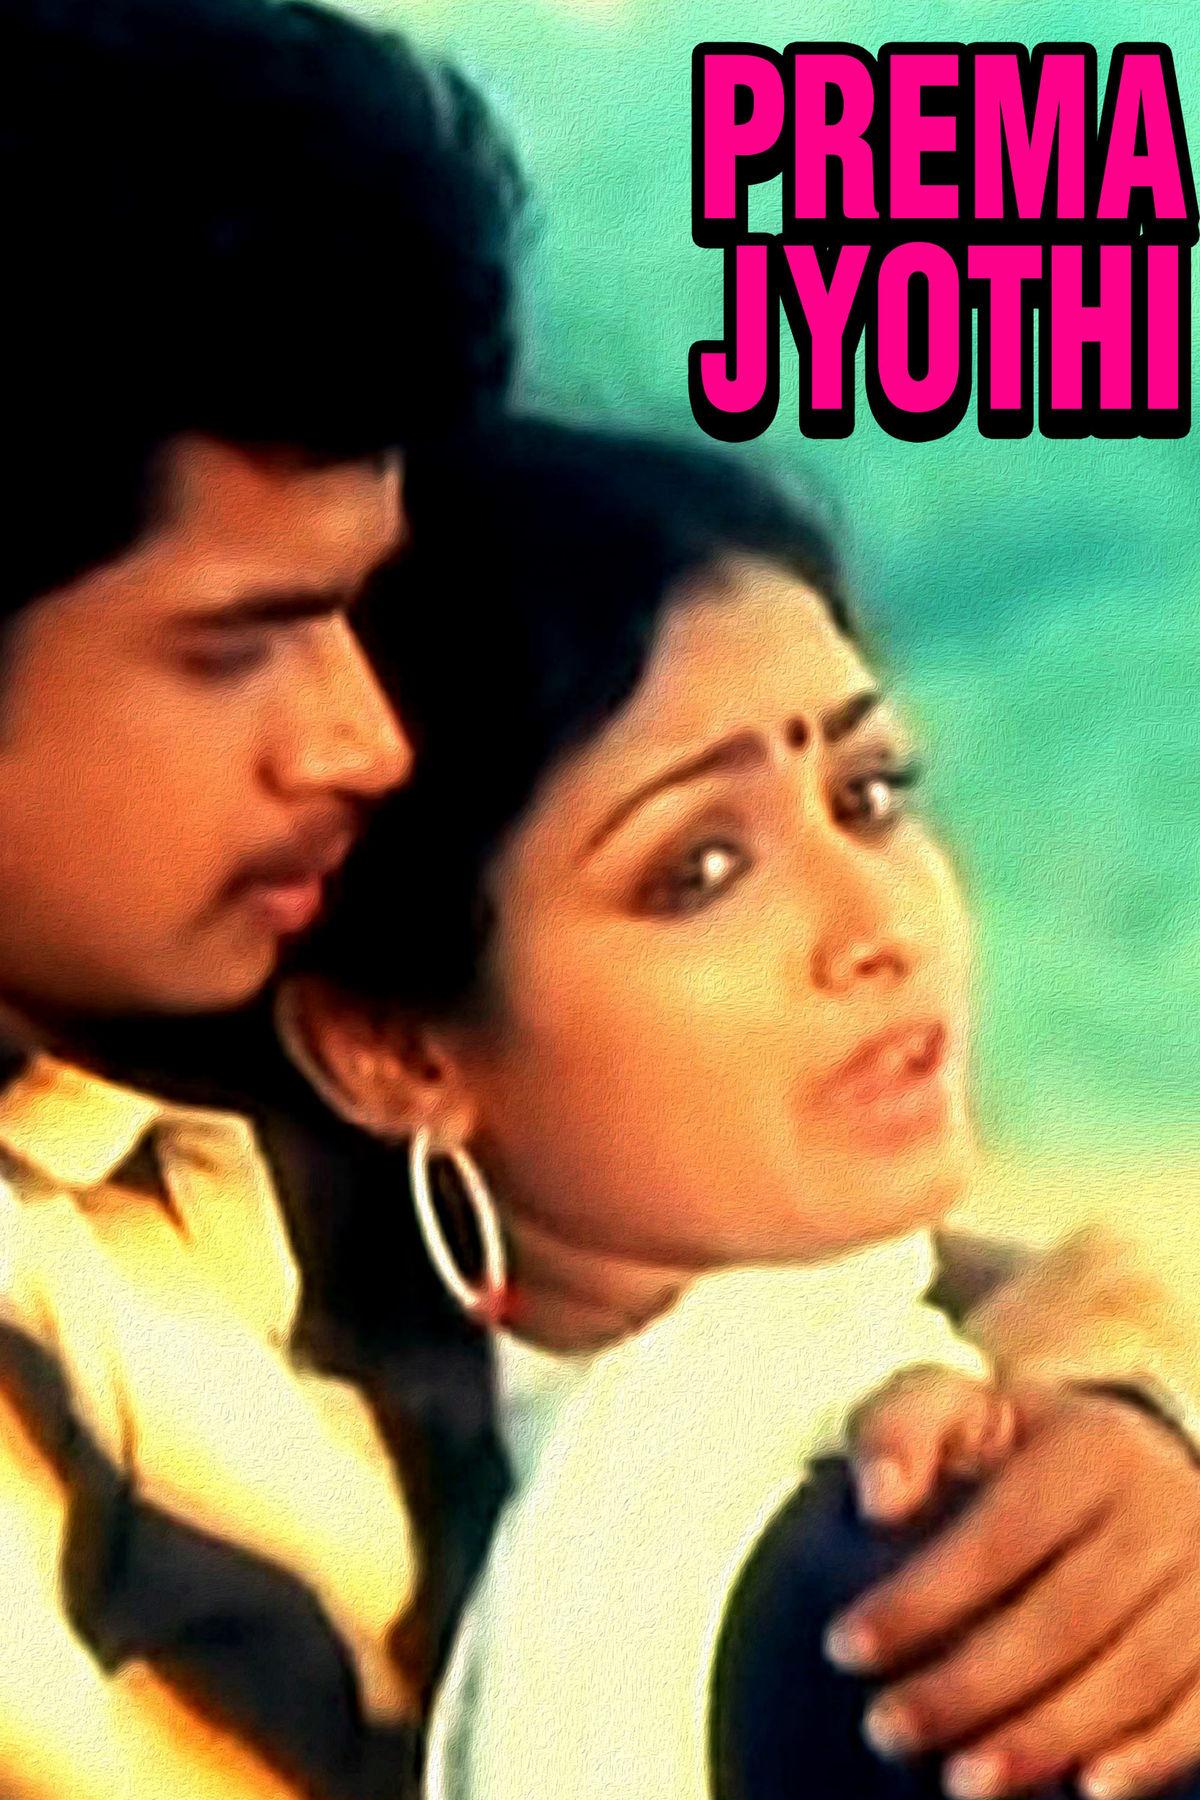 Prema Jyothi